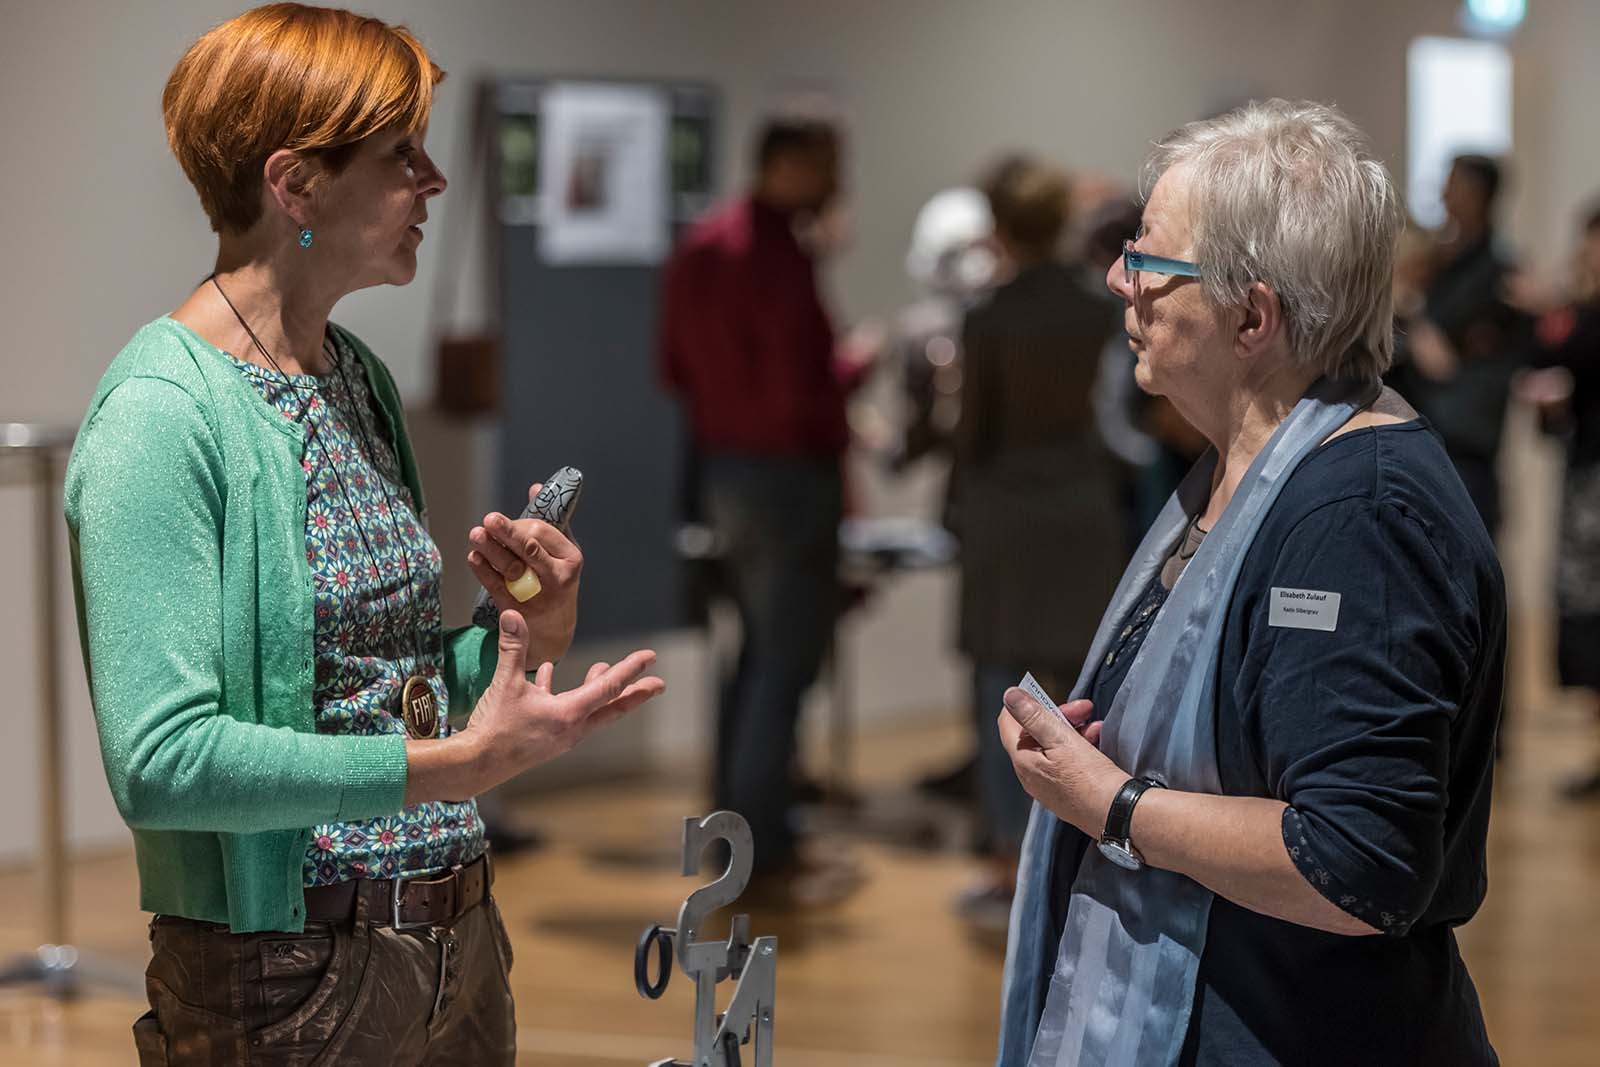 Angeregter Austausch im Rahmen eines Anlasses von TiM – Tandem im Museum